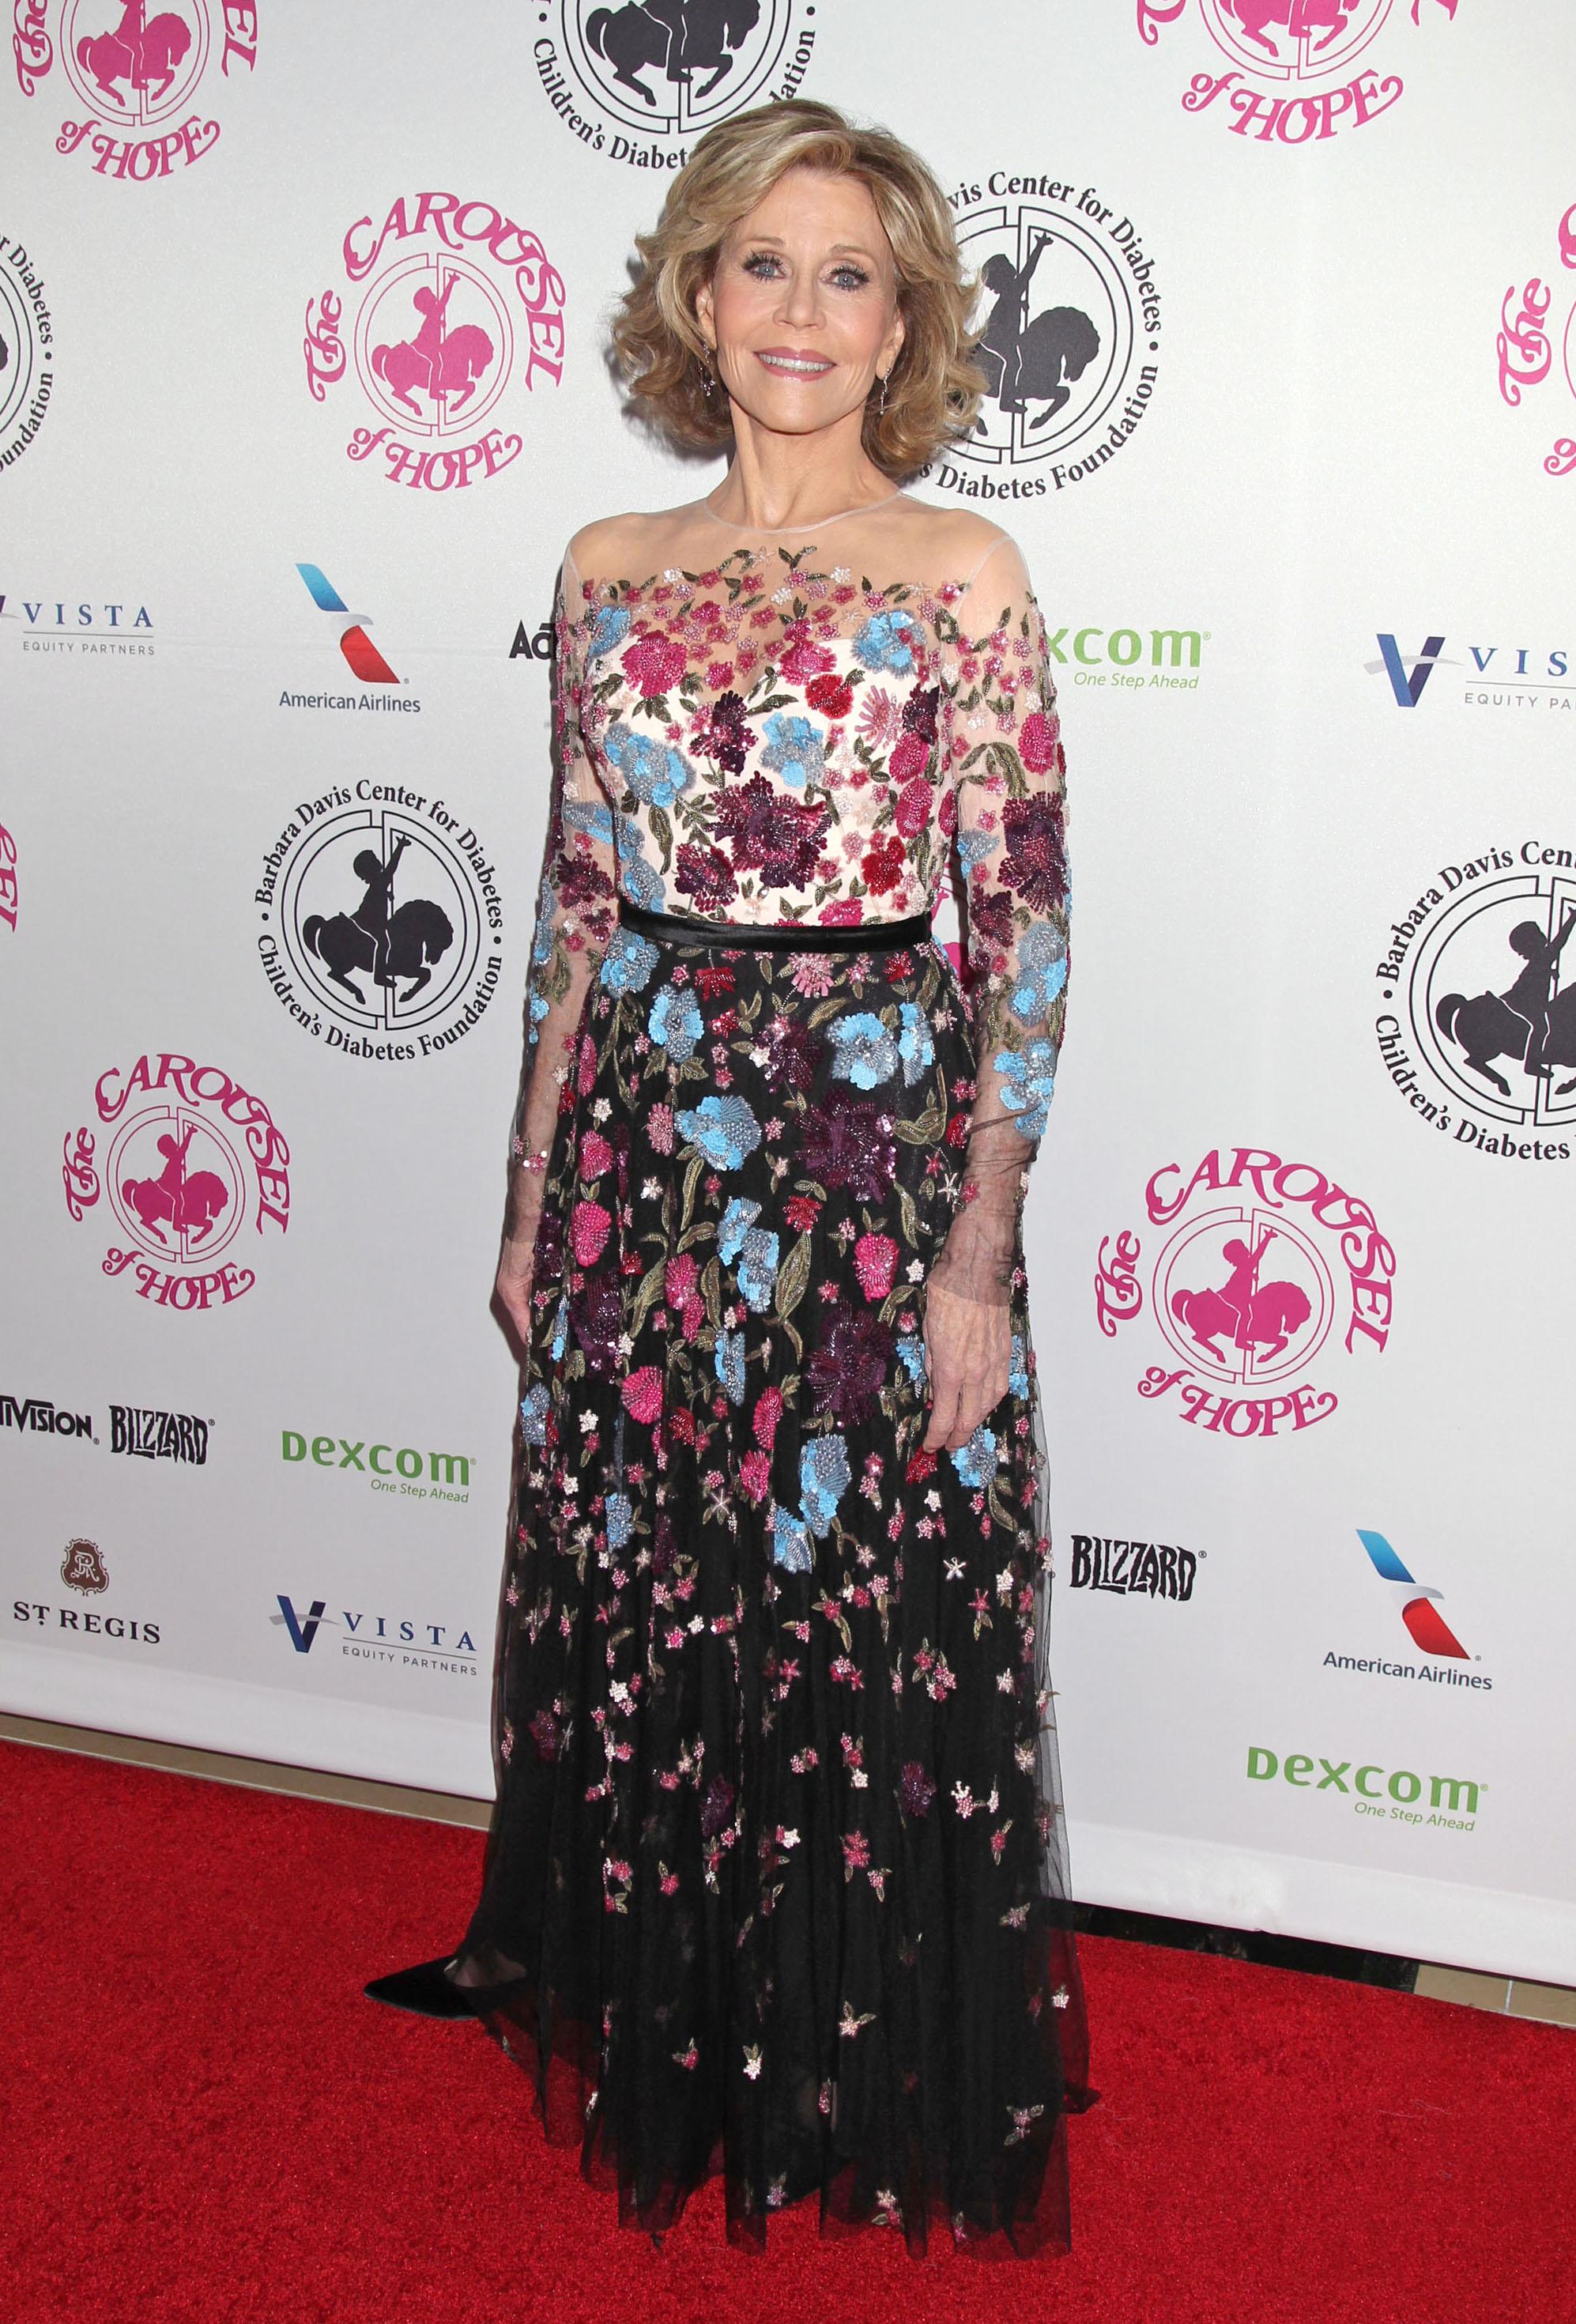 Well Played, Jane Fonda in Zuhair Murad